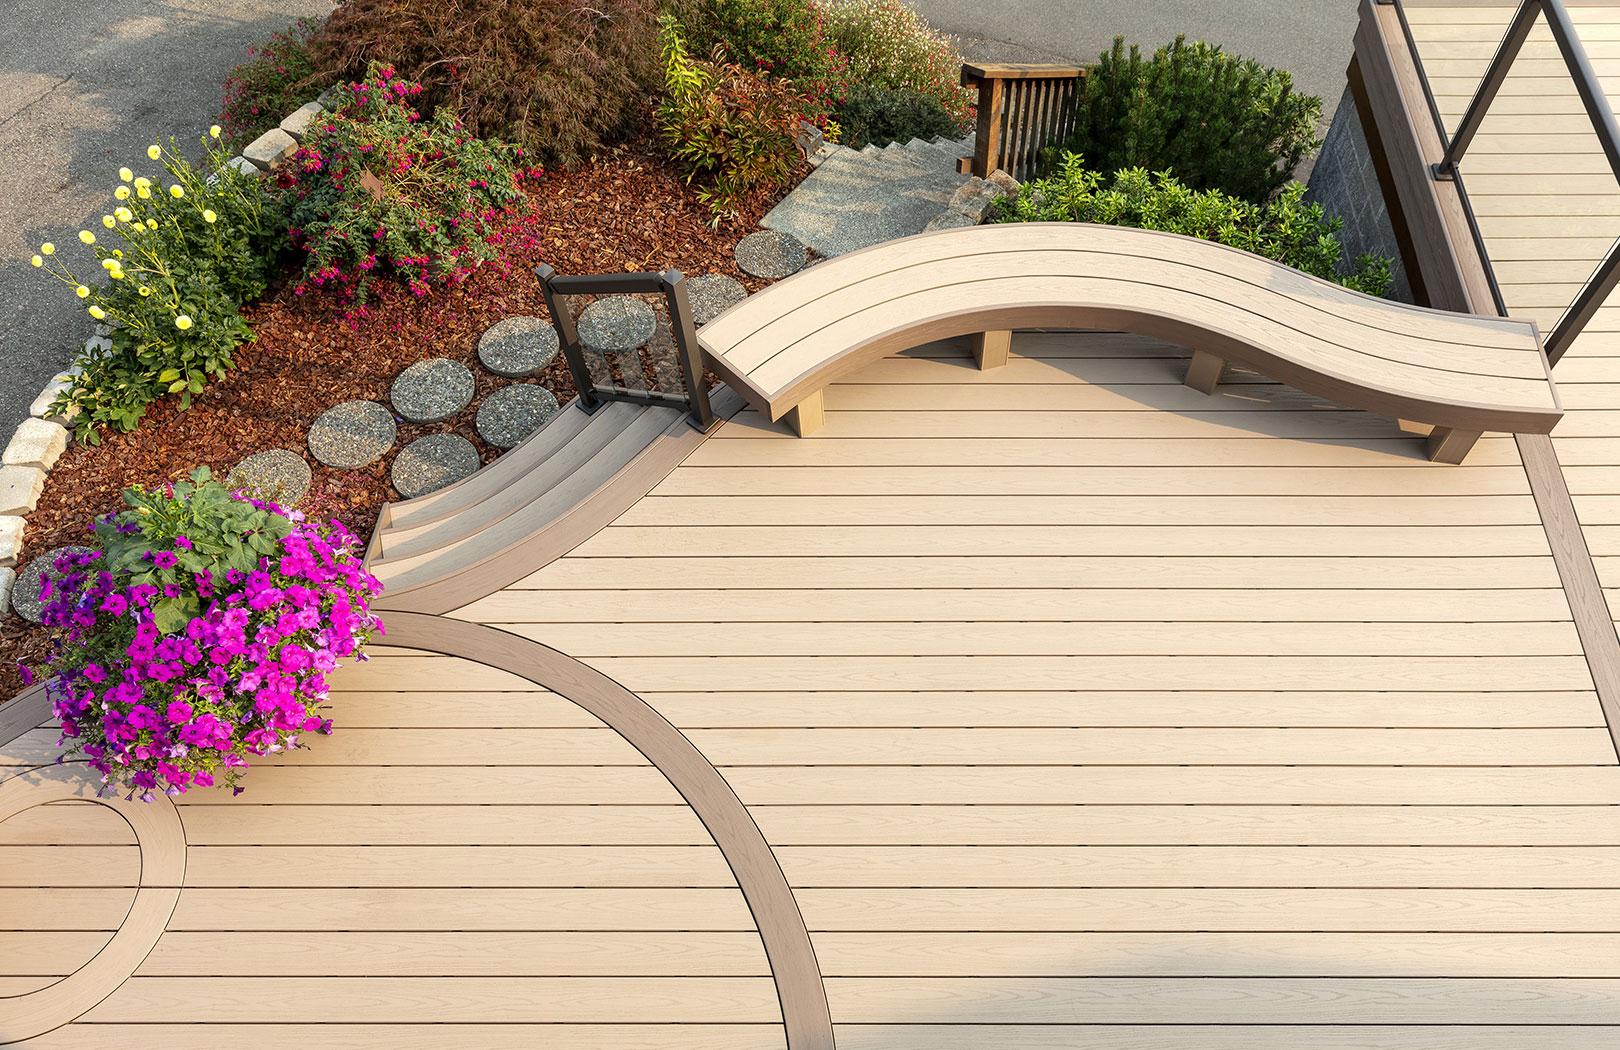 TimberTech brownstone deck